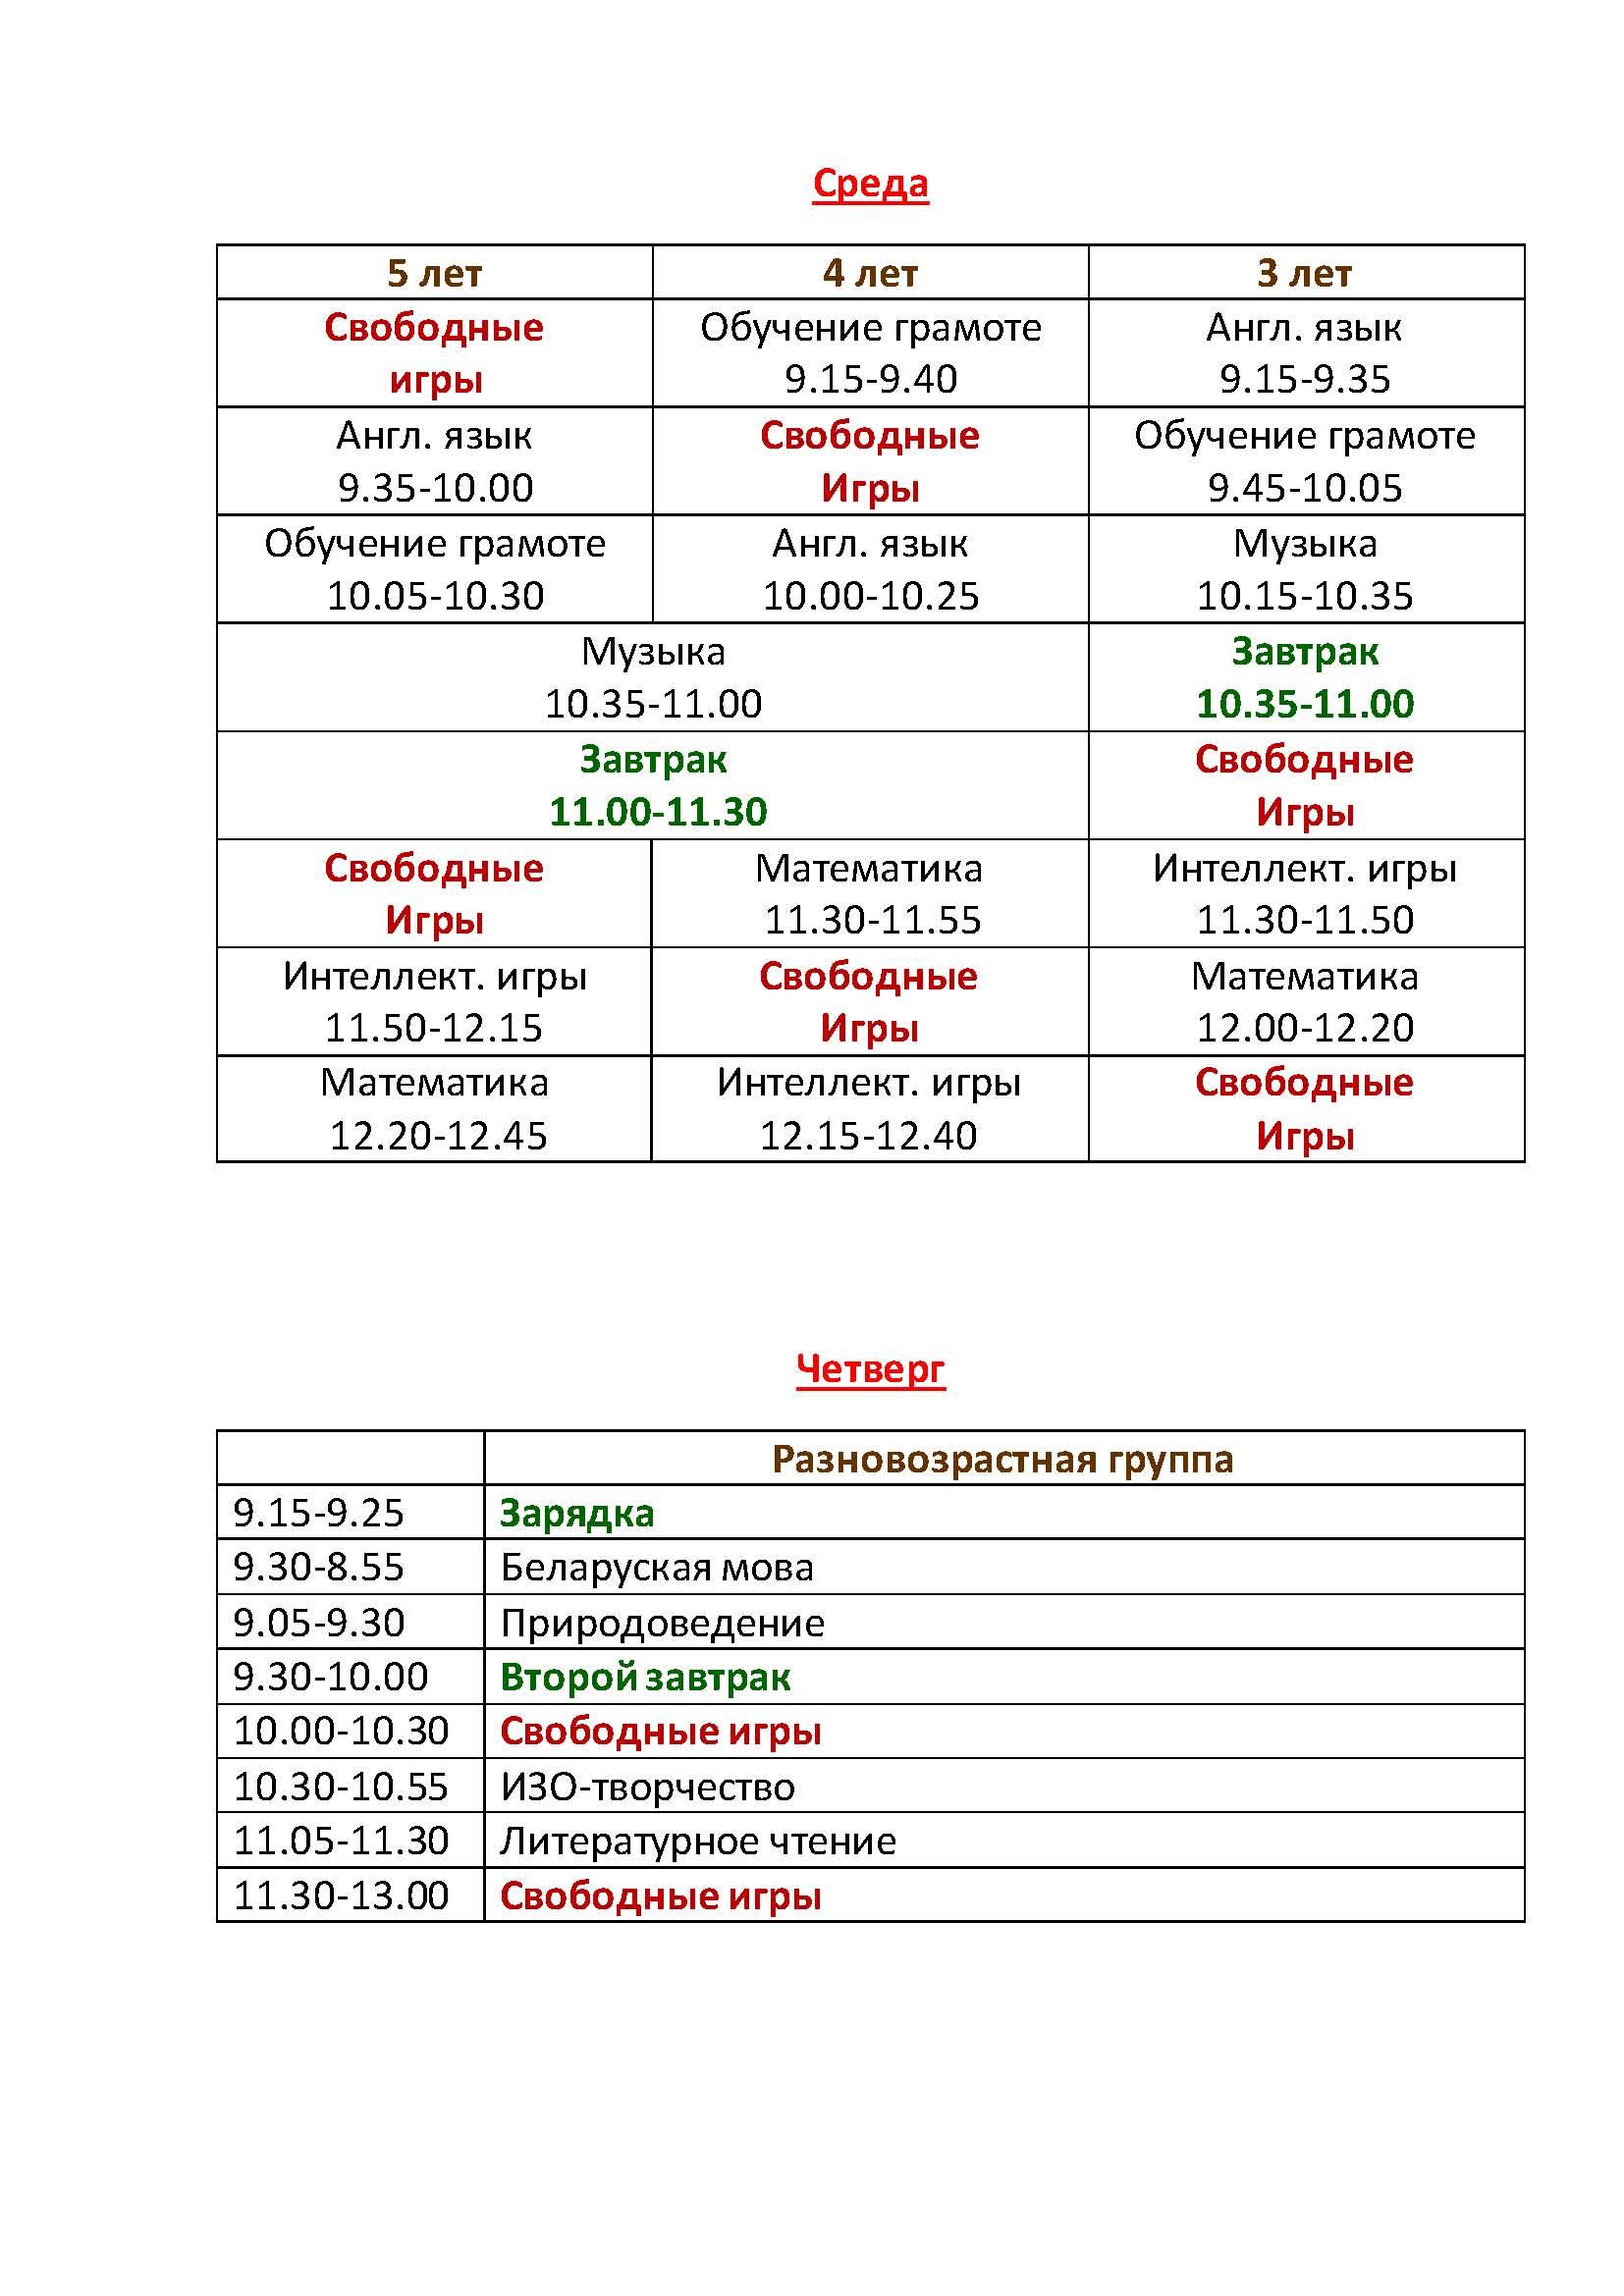 Расписание занятий в Мини детском саду 3 часть